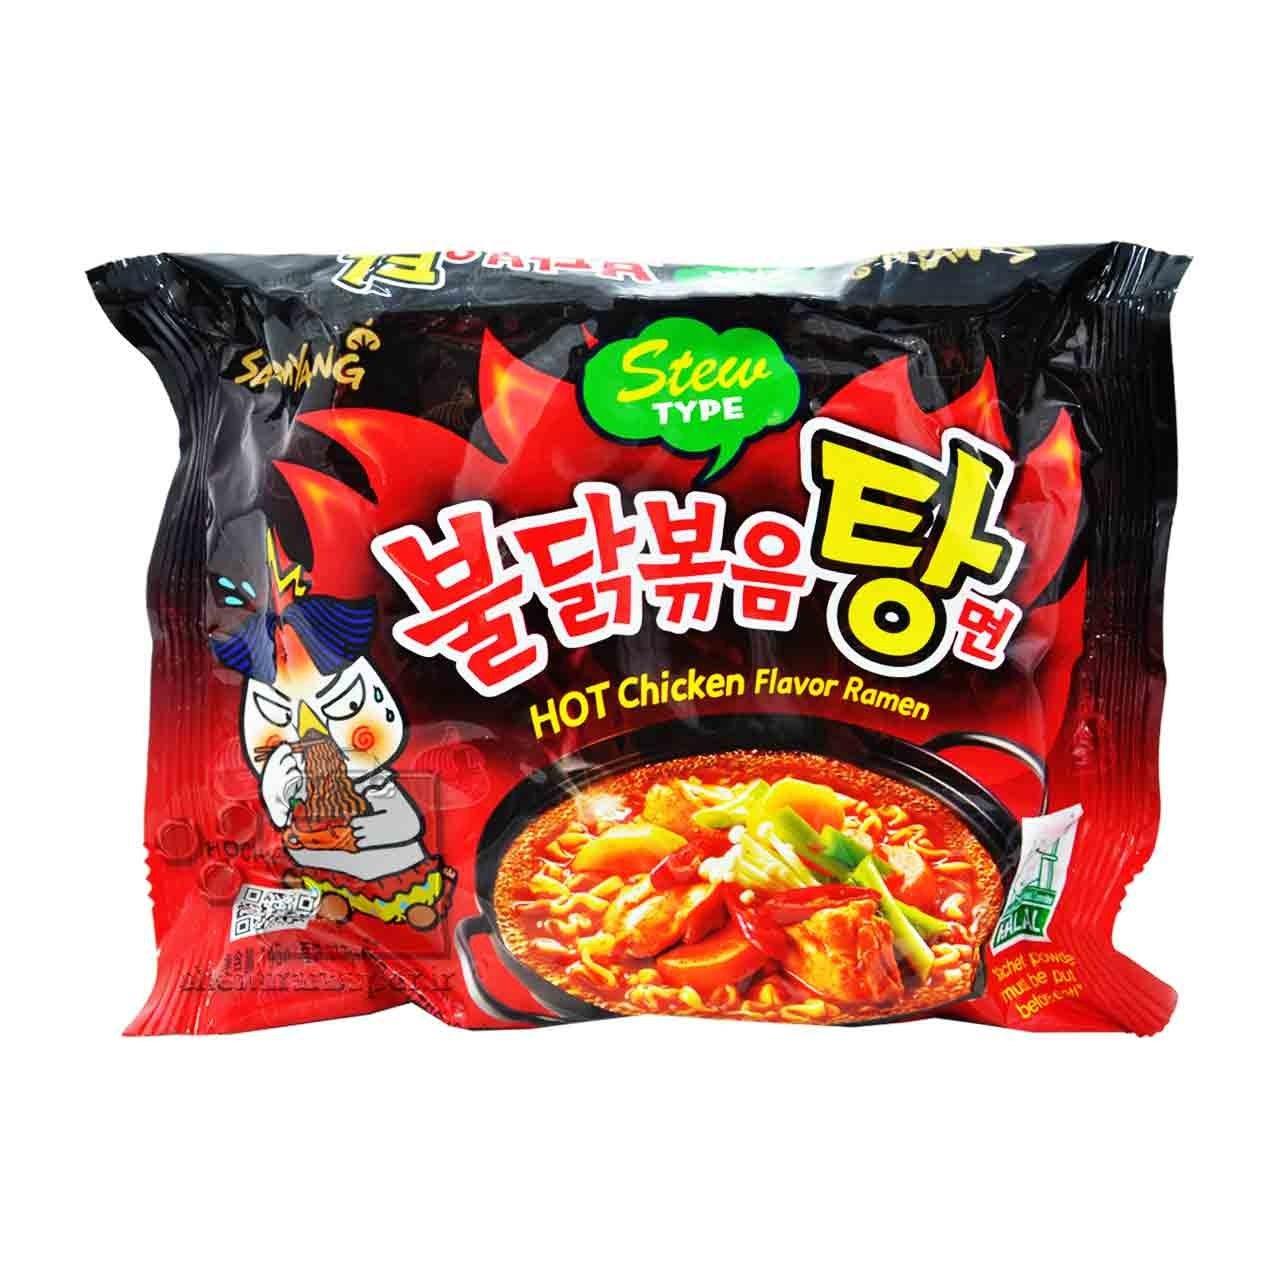 تصویر نودل کره ای ( رامن ) طعم مرغ تند سوپی ۱۴۵ گرم سامیانگ – samyang